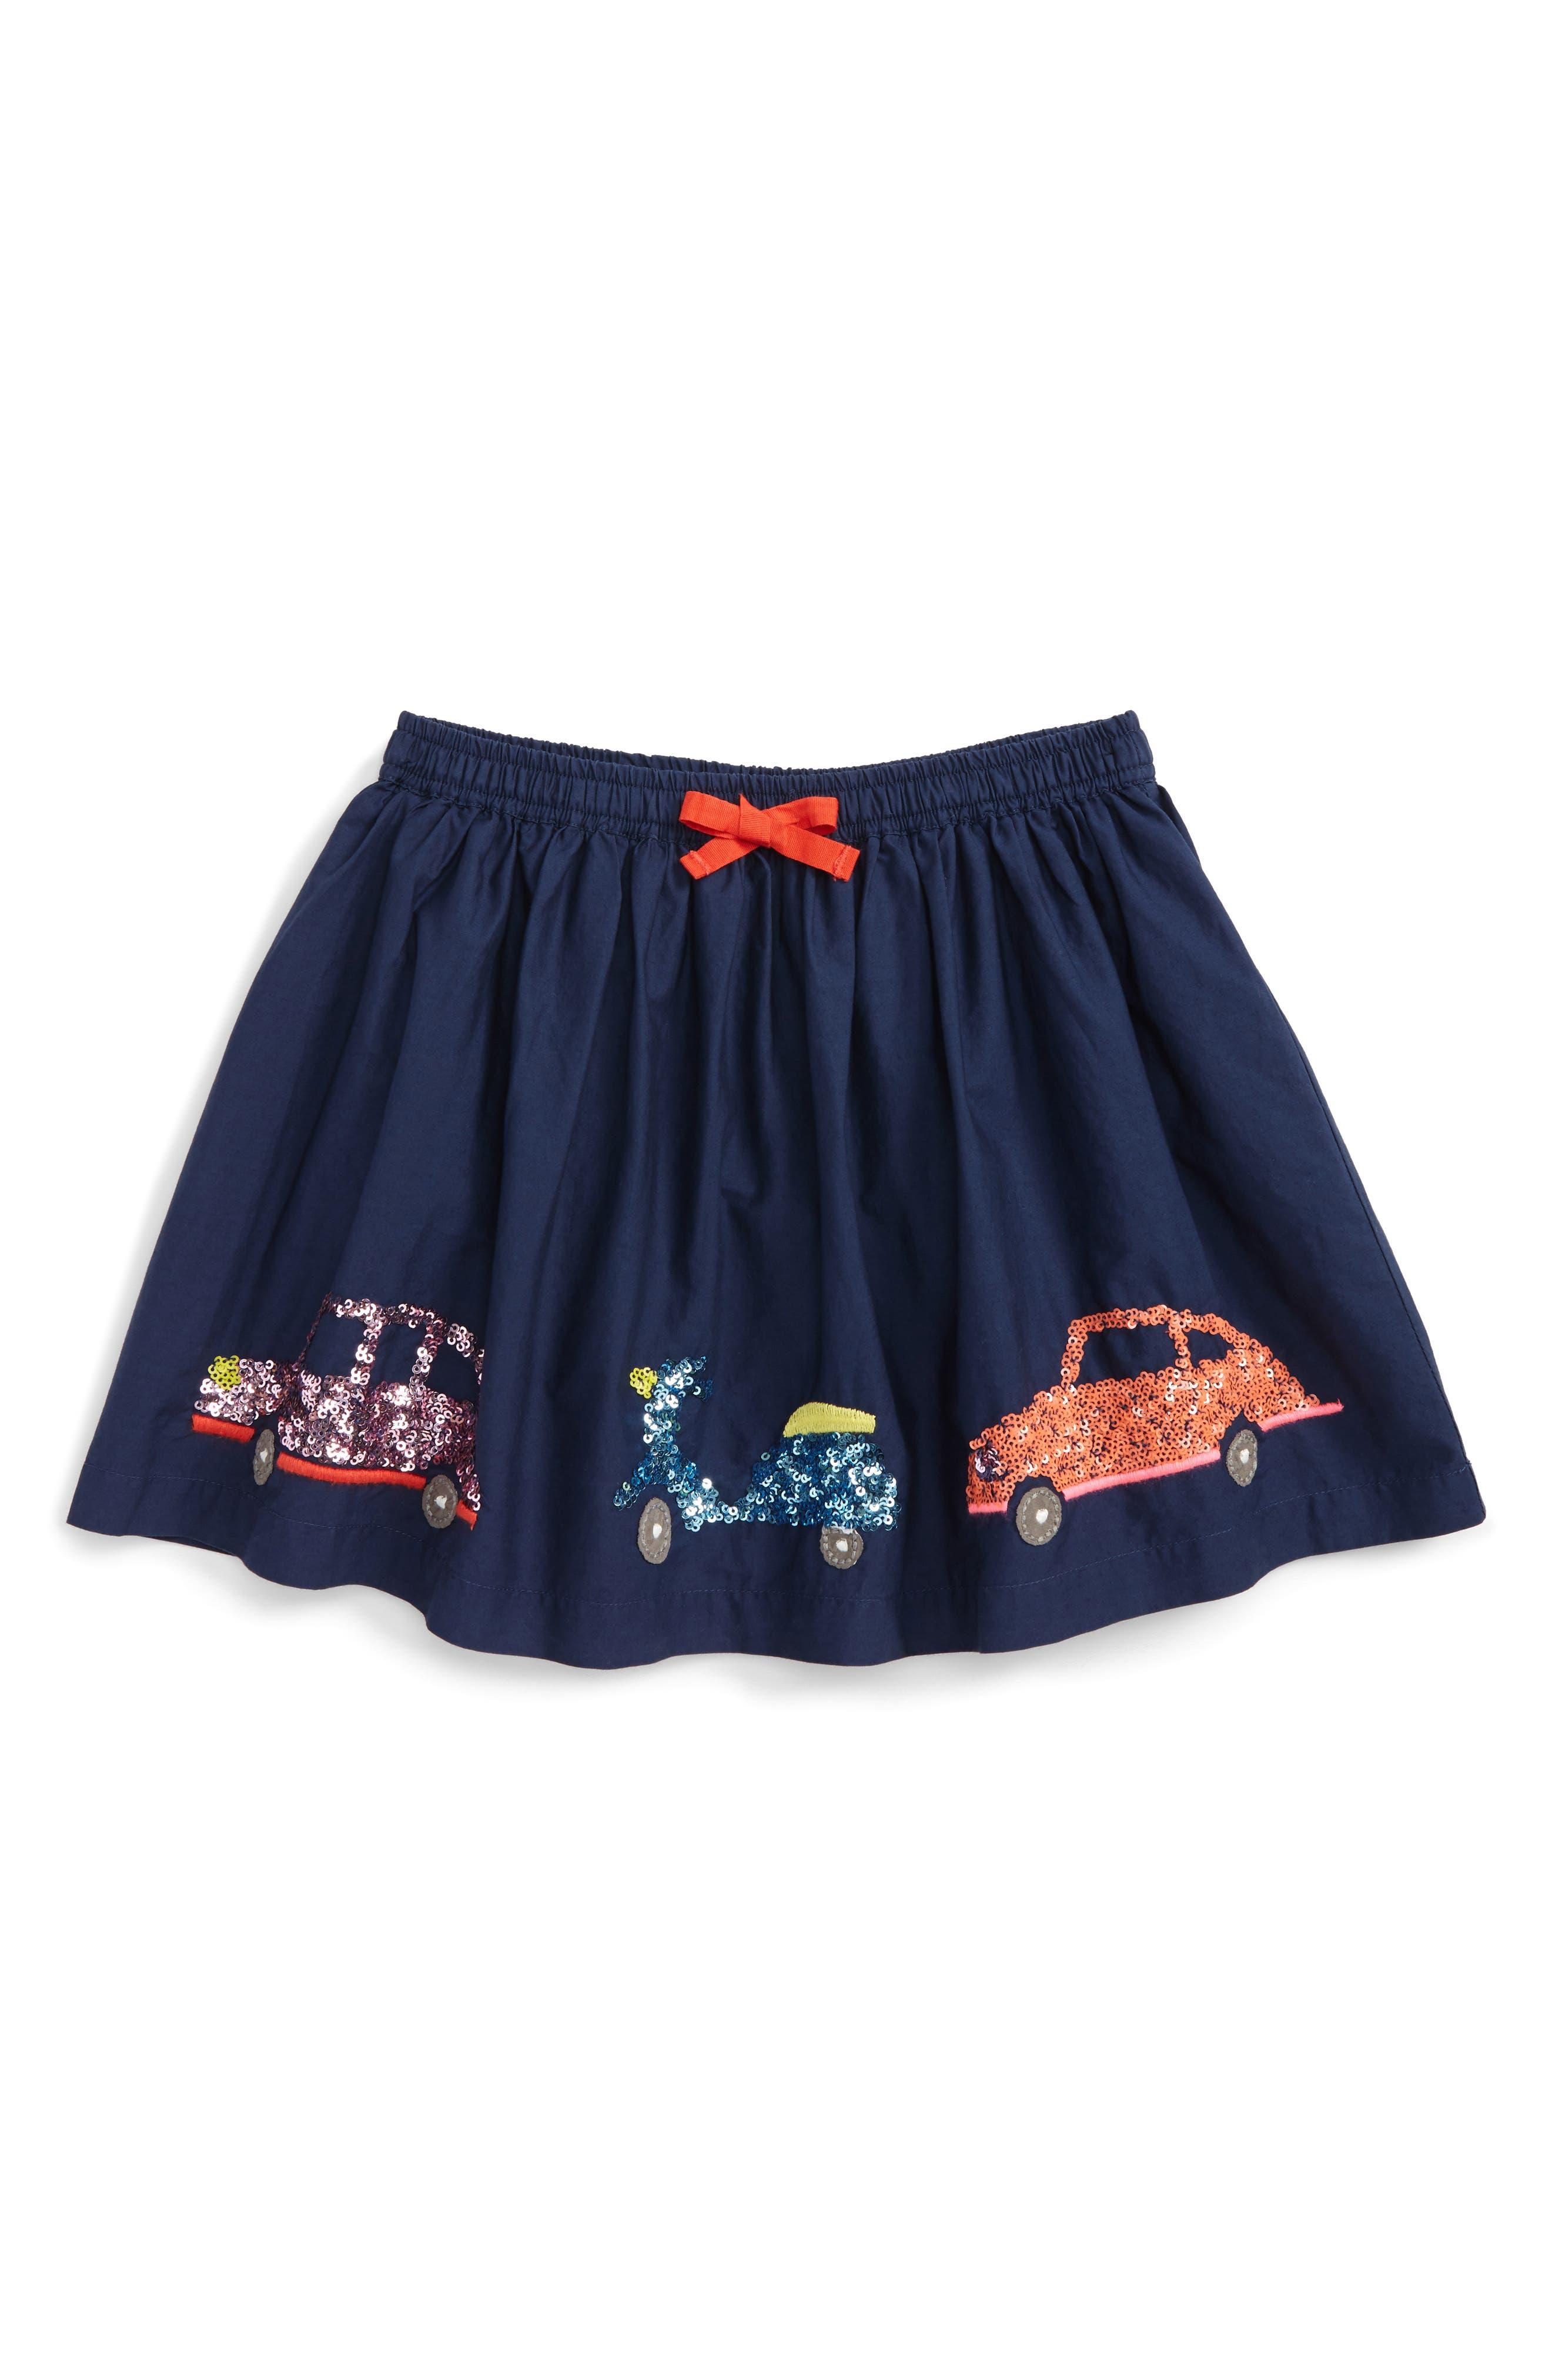 Adventure Sequin Skirt,                         Main,                         color, School Navy